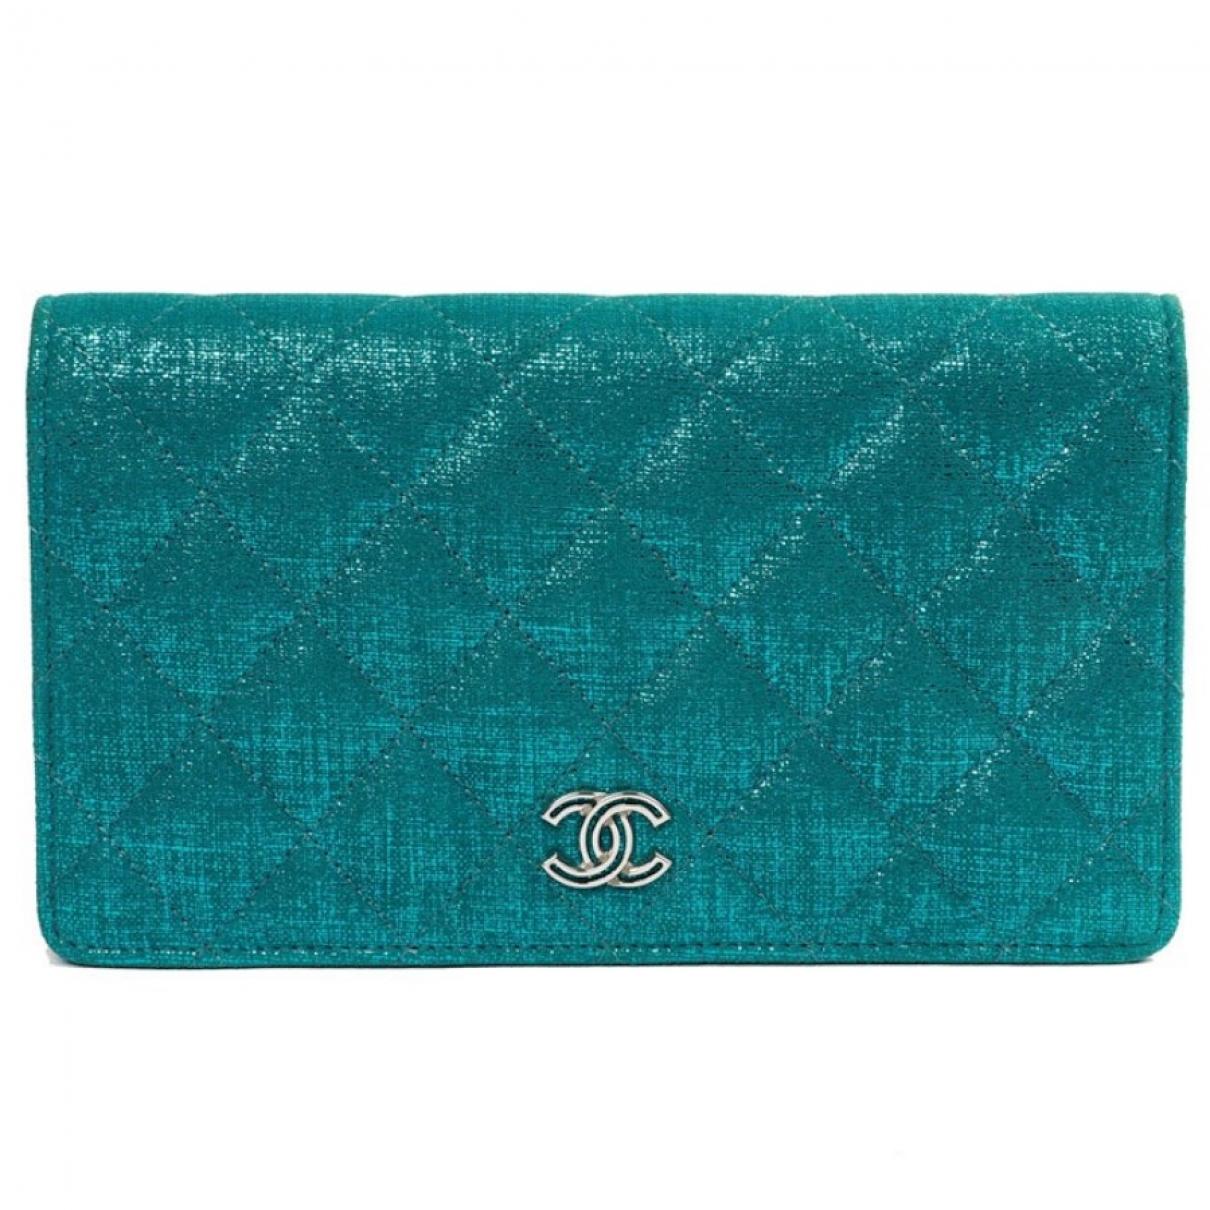 Chanel - Portefeuille Timeless/Classique pour femme en toile - turquoise